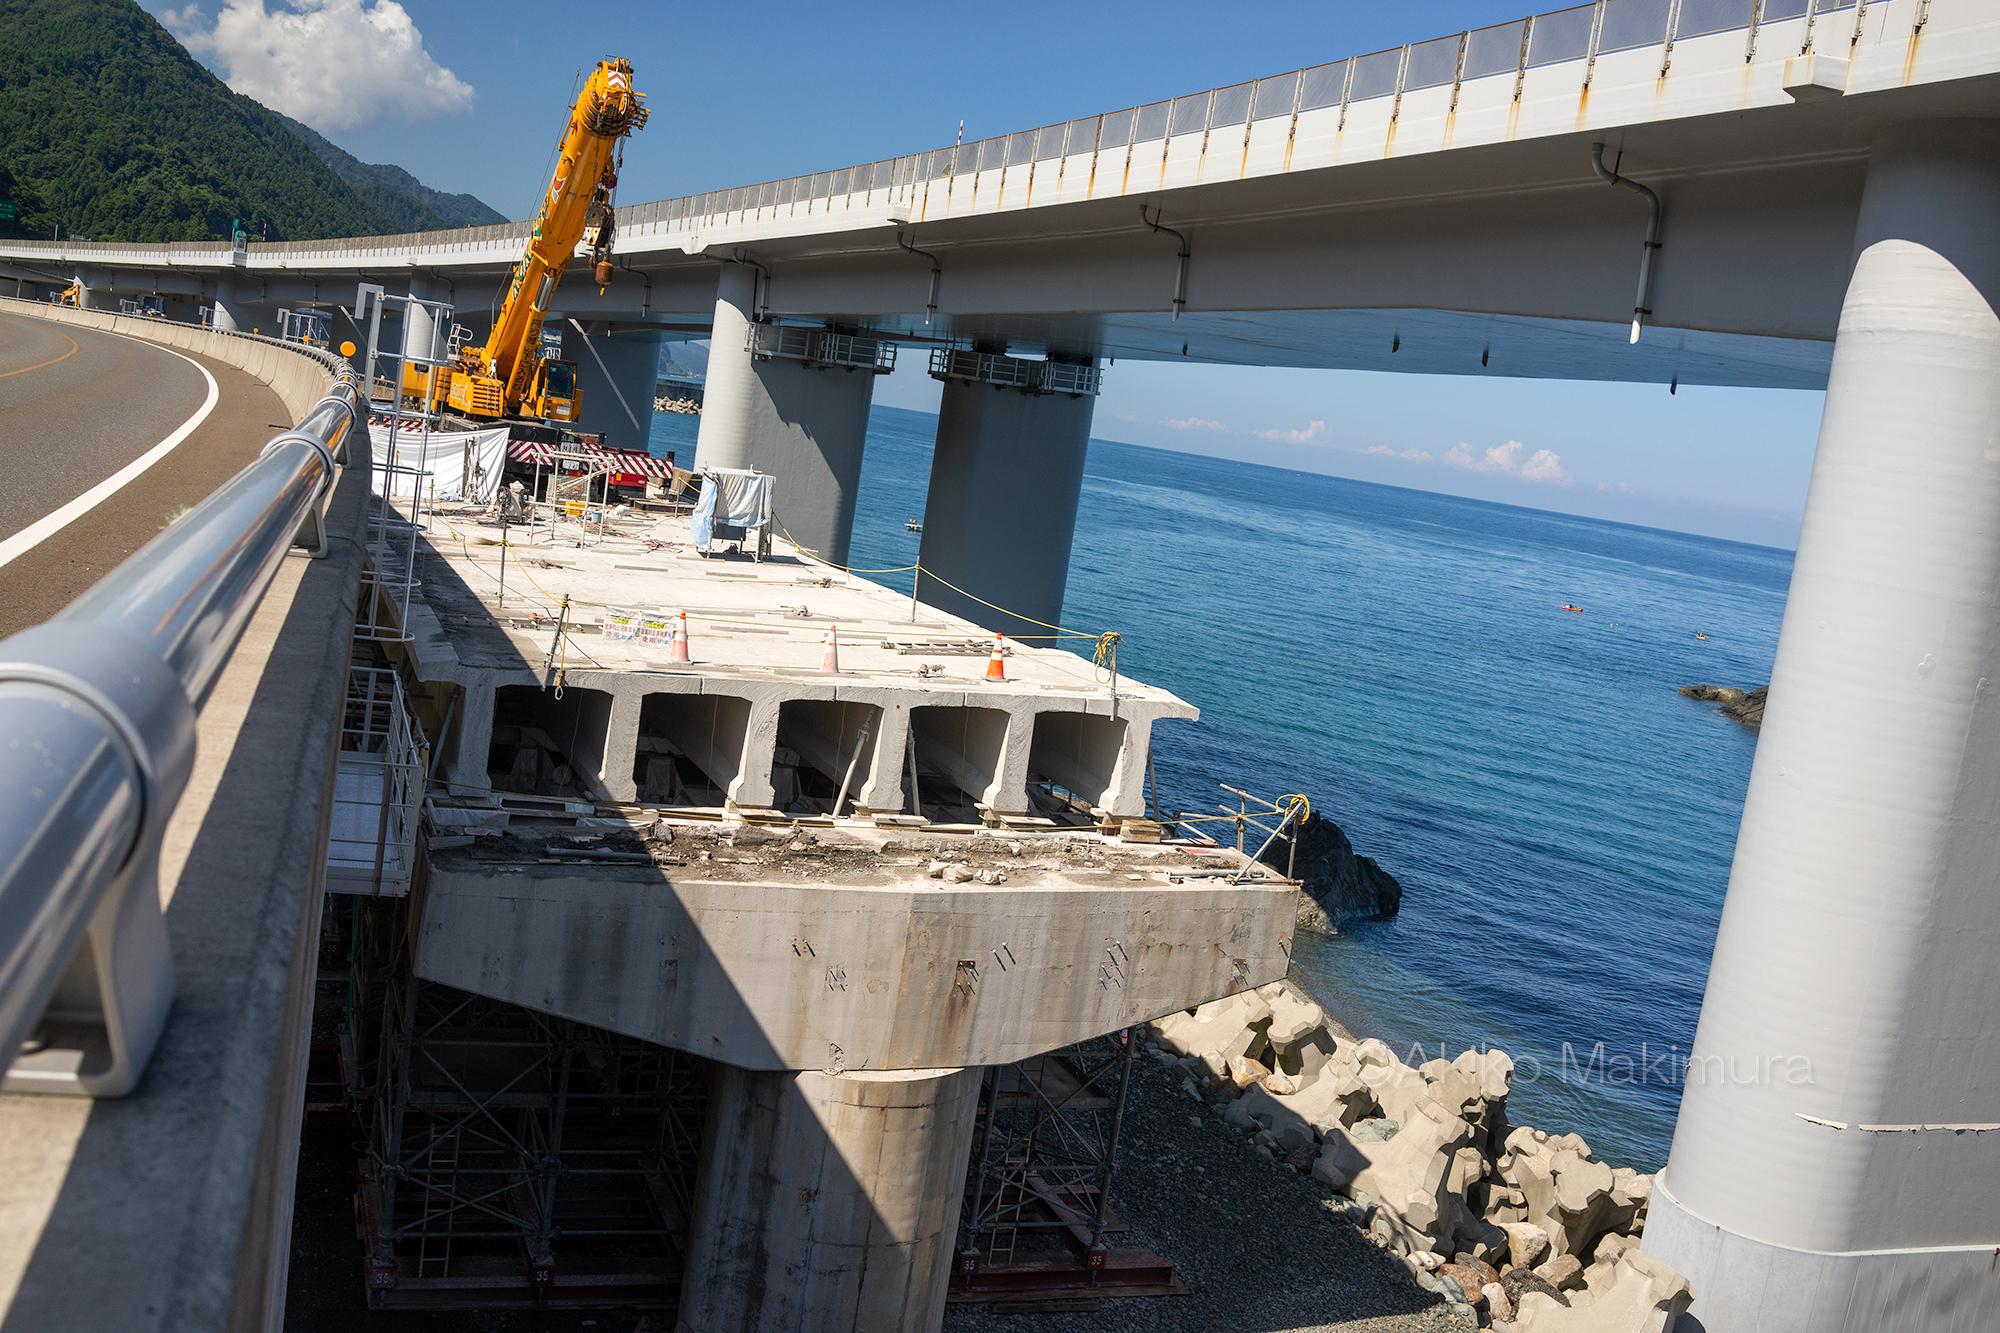 難所国道8号高架橋の架け替え工事、ここまでやって「完了」